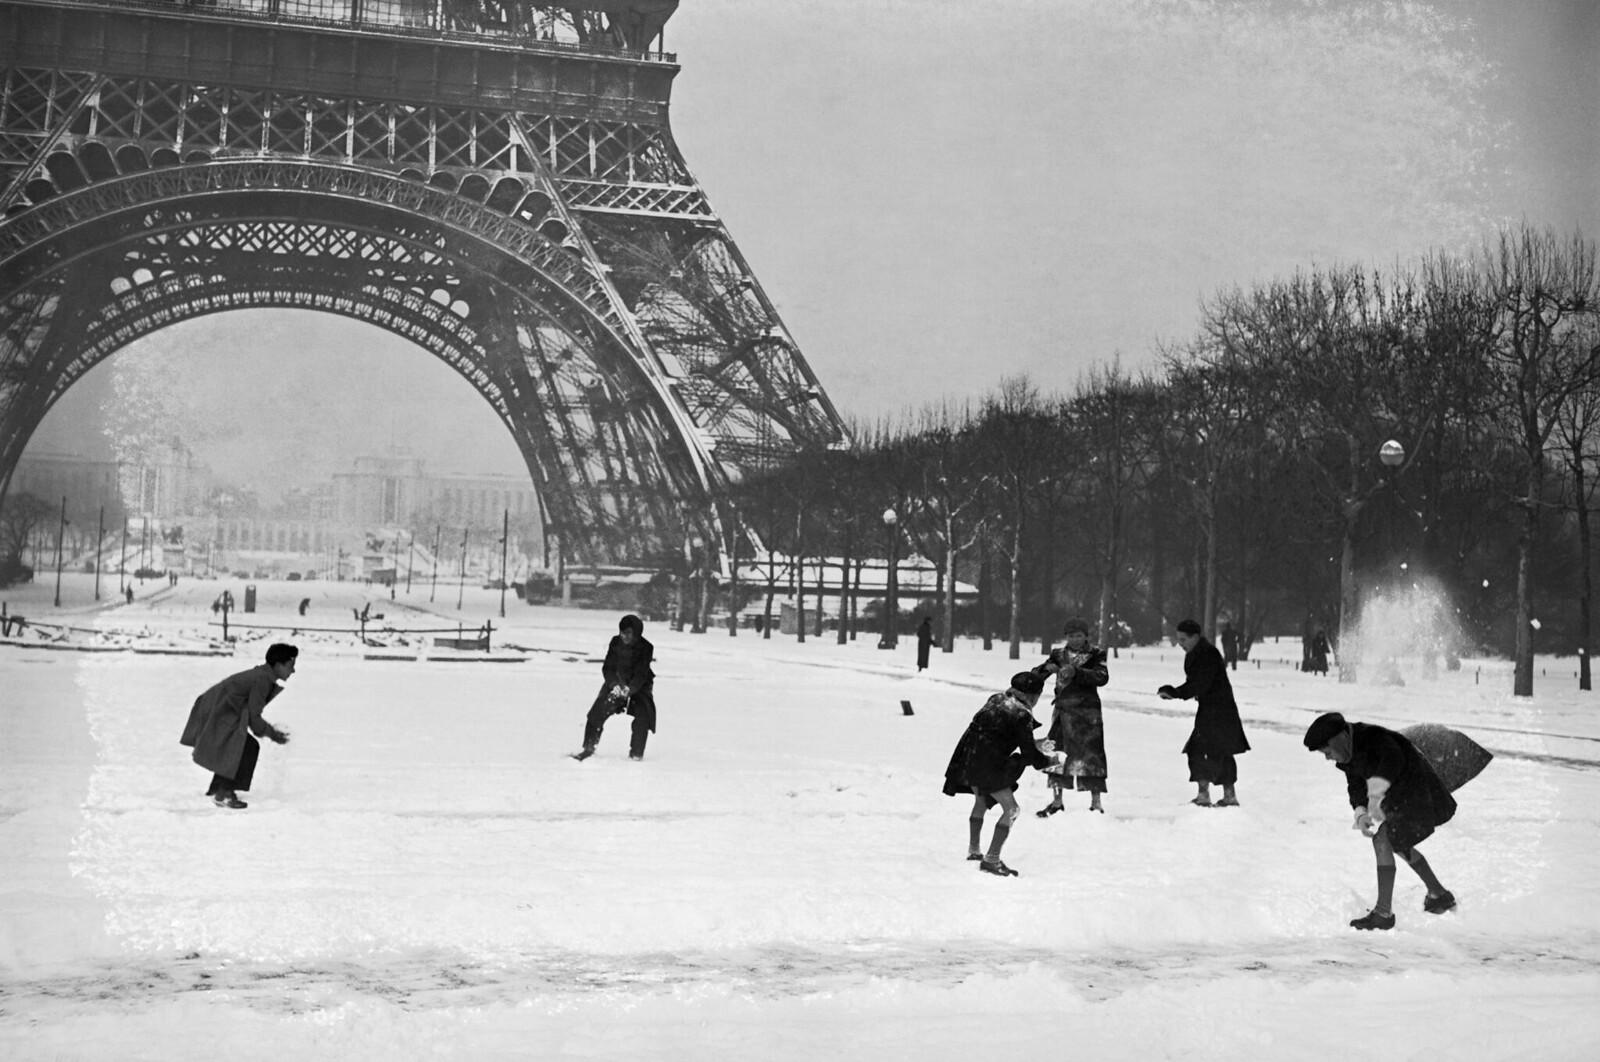 06. 1938. Дети играют в снегу у Эйфелевой башни. 21 декабря